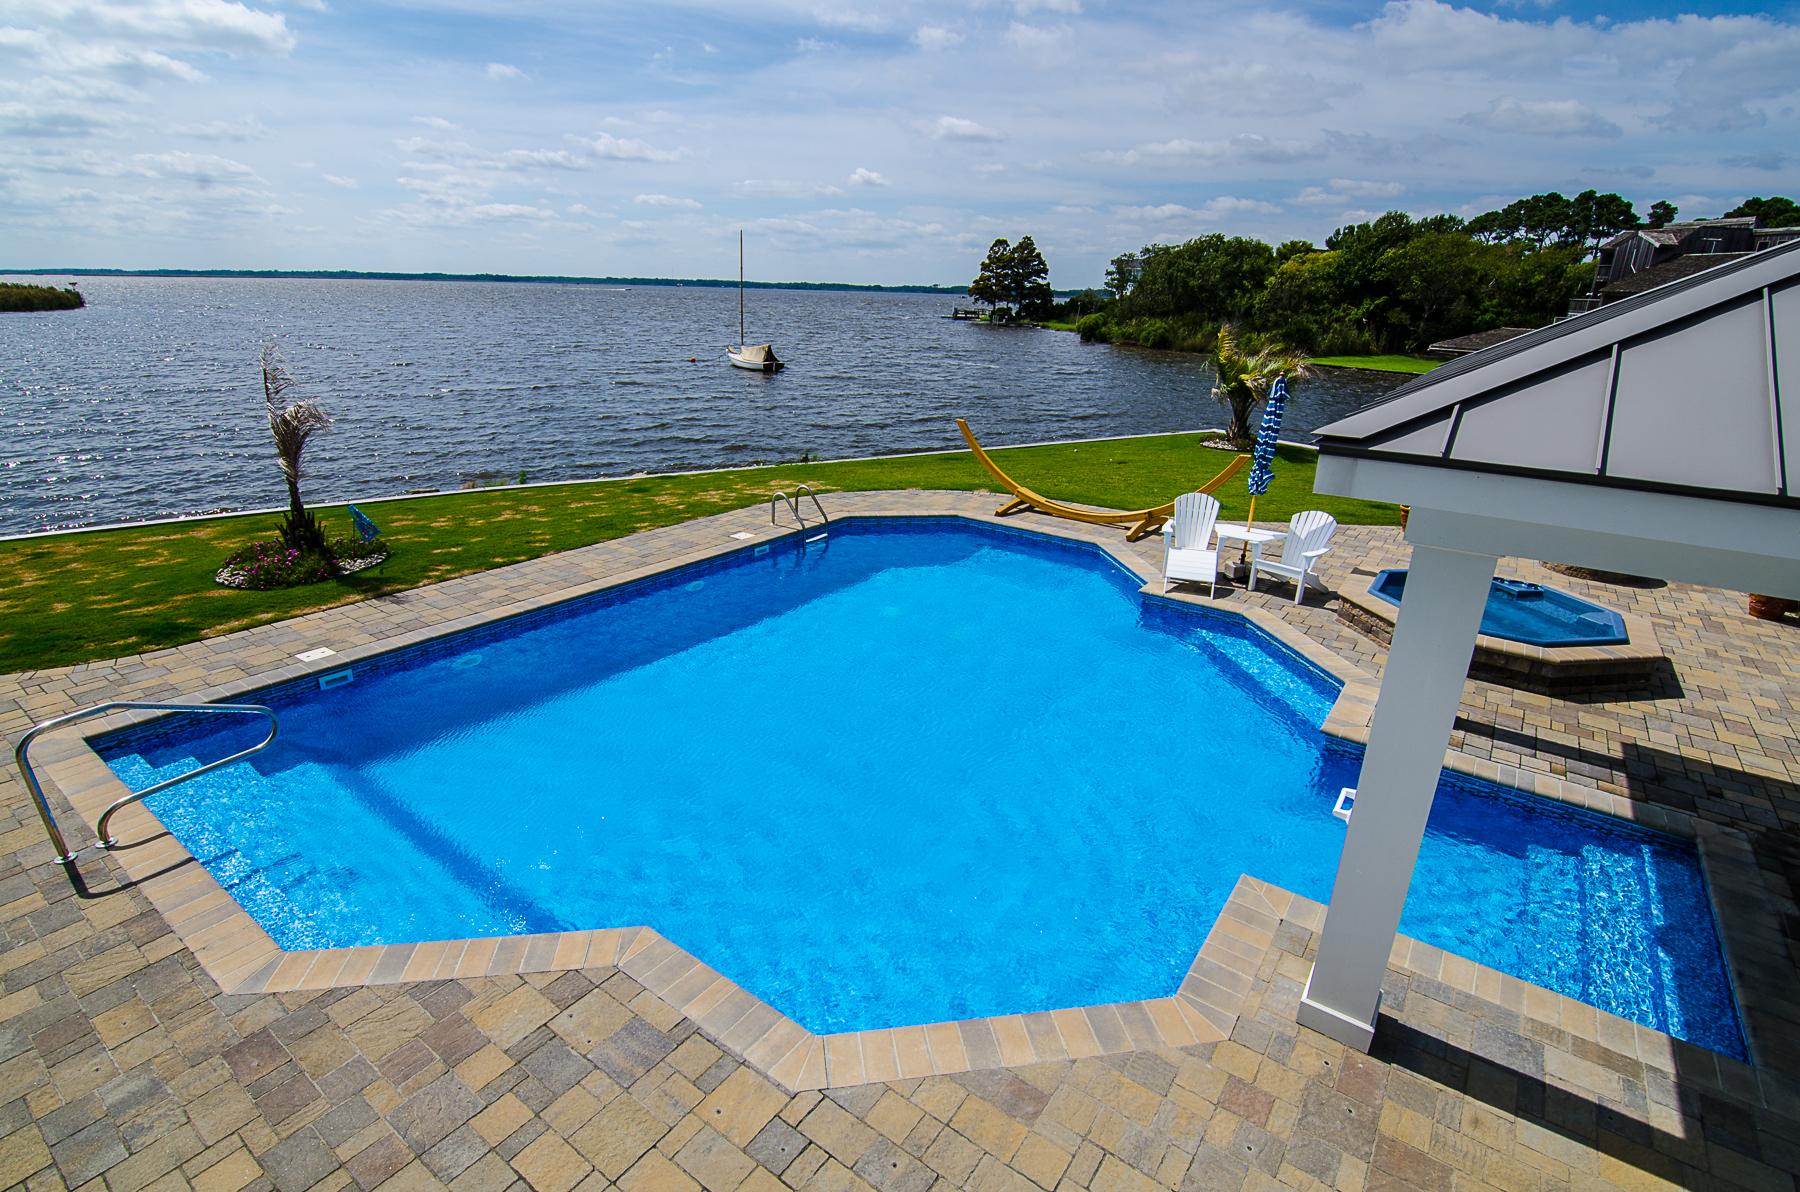 geometric liner pool 6A